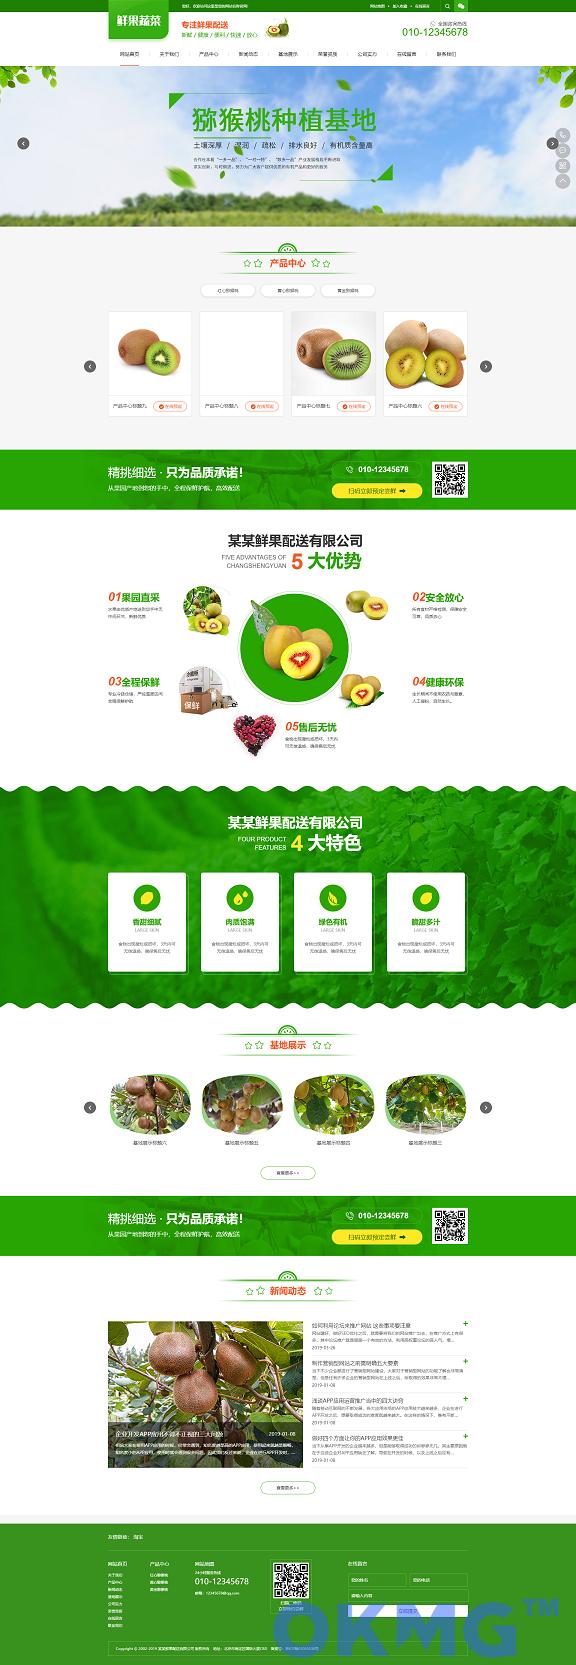 鲜果蔬菜农产品批发配送网站织梦模板(带手机端)